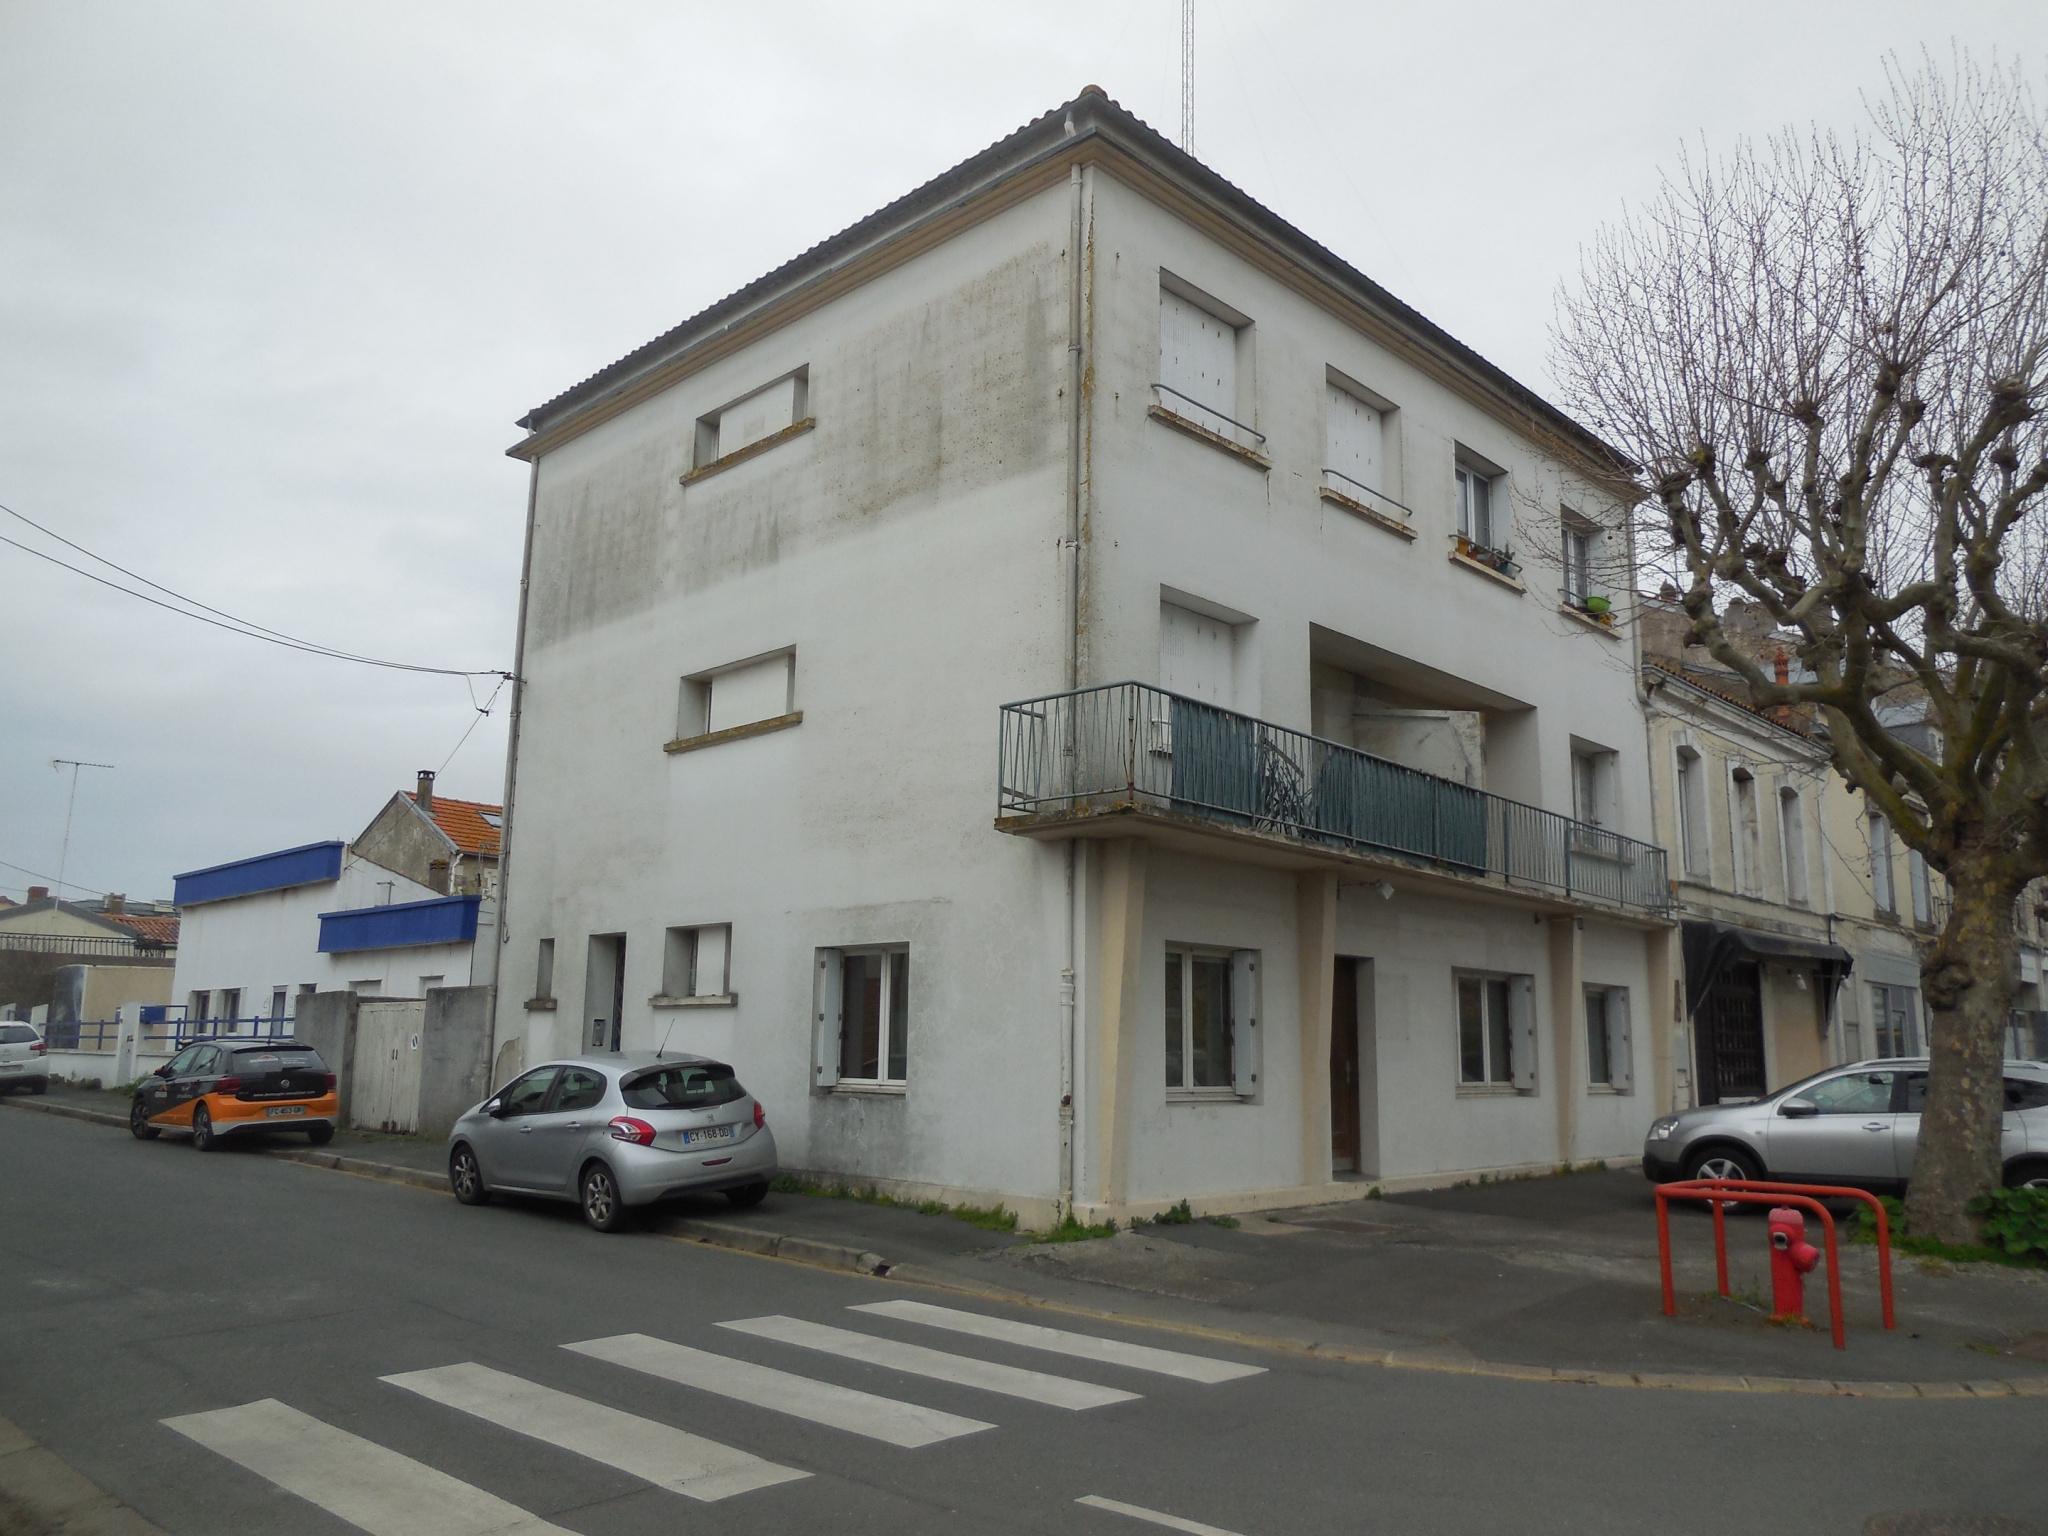 appartement la rochelle LA ROCHELLE - APPARTEMENT TYPE 2 - QUARTIER LA PALLICE